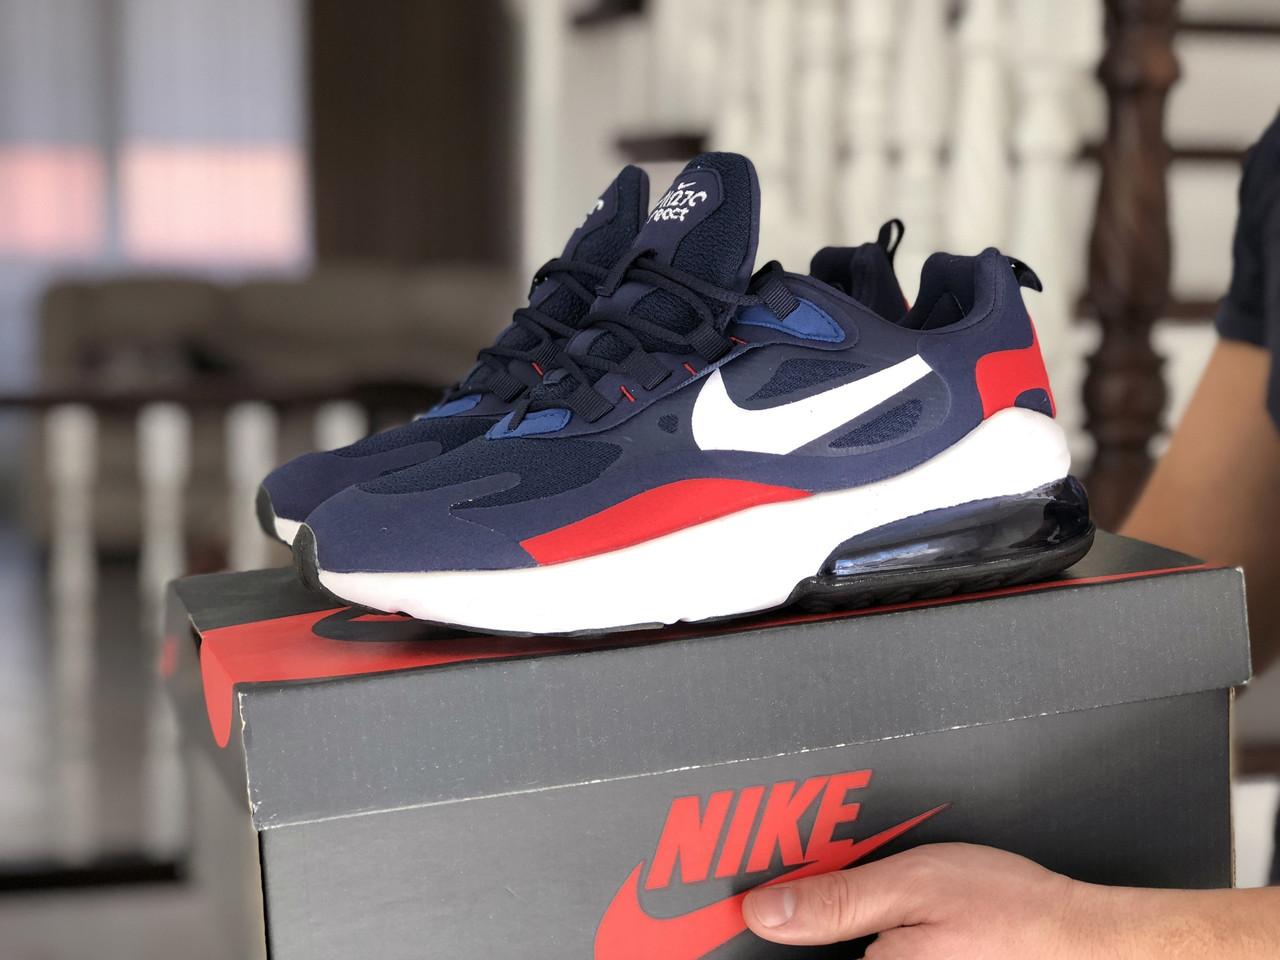 Мужские кроссовки Nike Air Max 270 React синие / текстильные кроссовки Найк Реакт (Топ реплика ААА+)